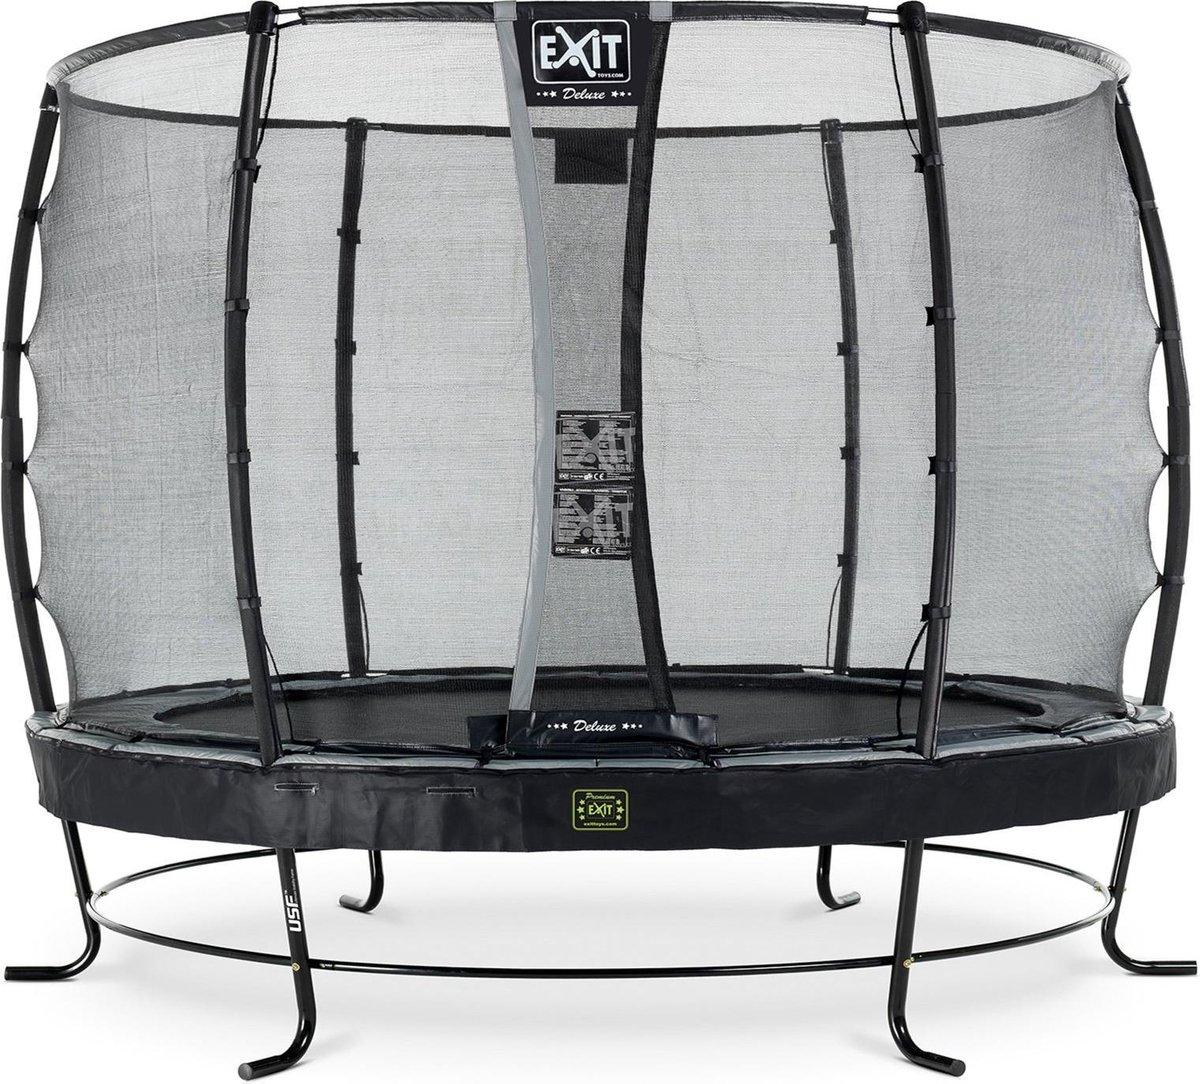 Trampoline EXIT Elegant Premium - ø305cm - zwart + net